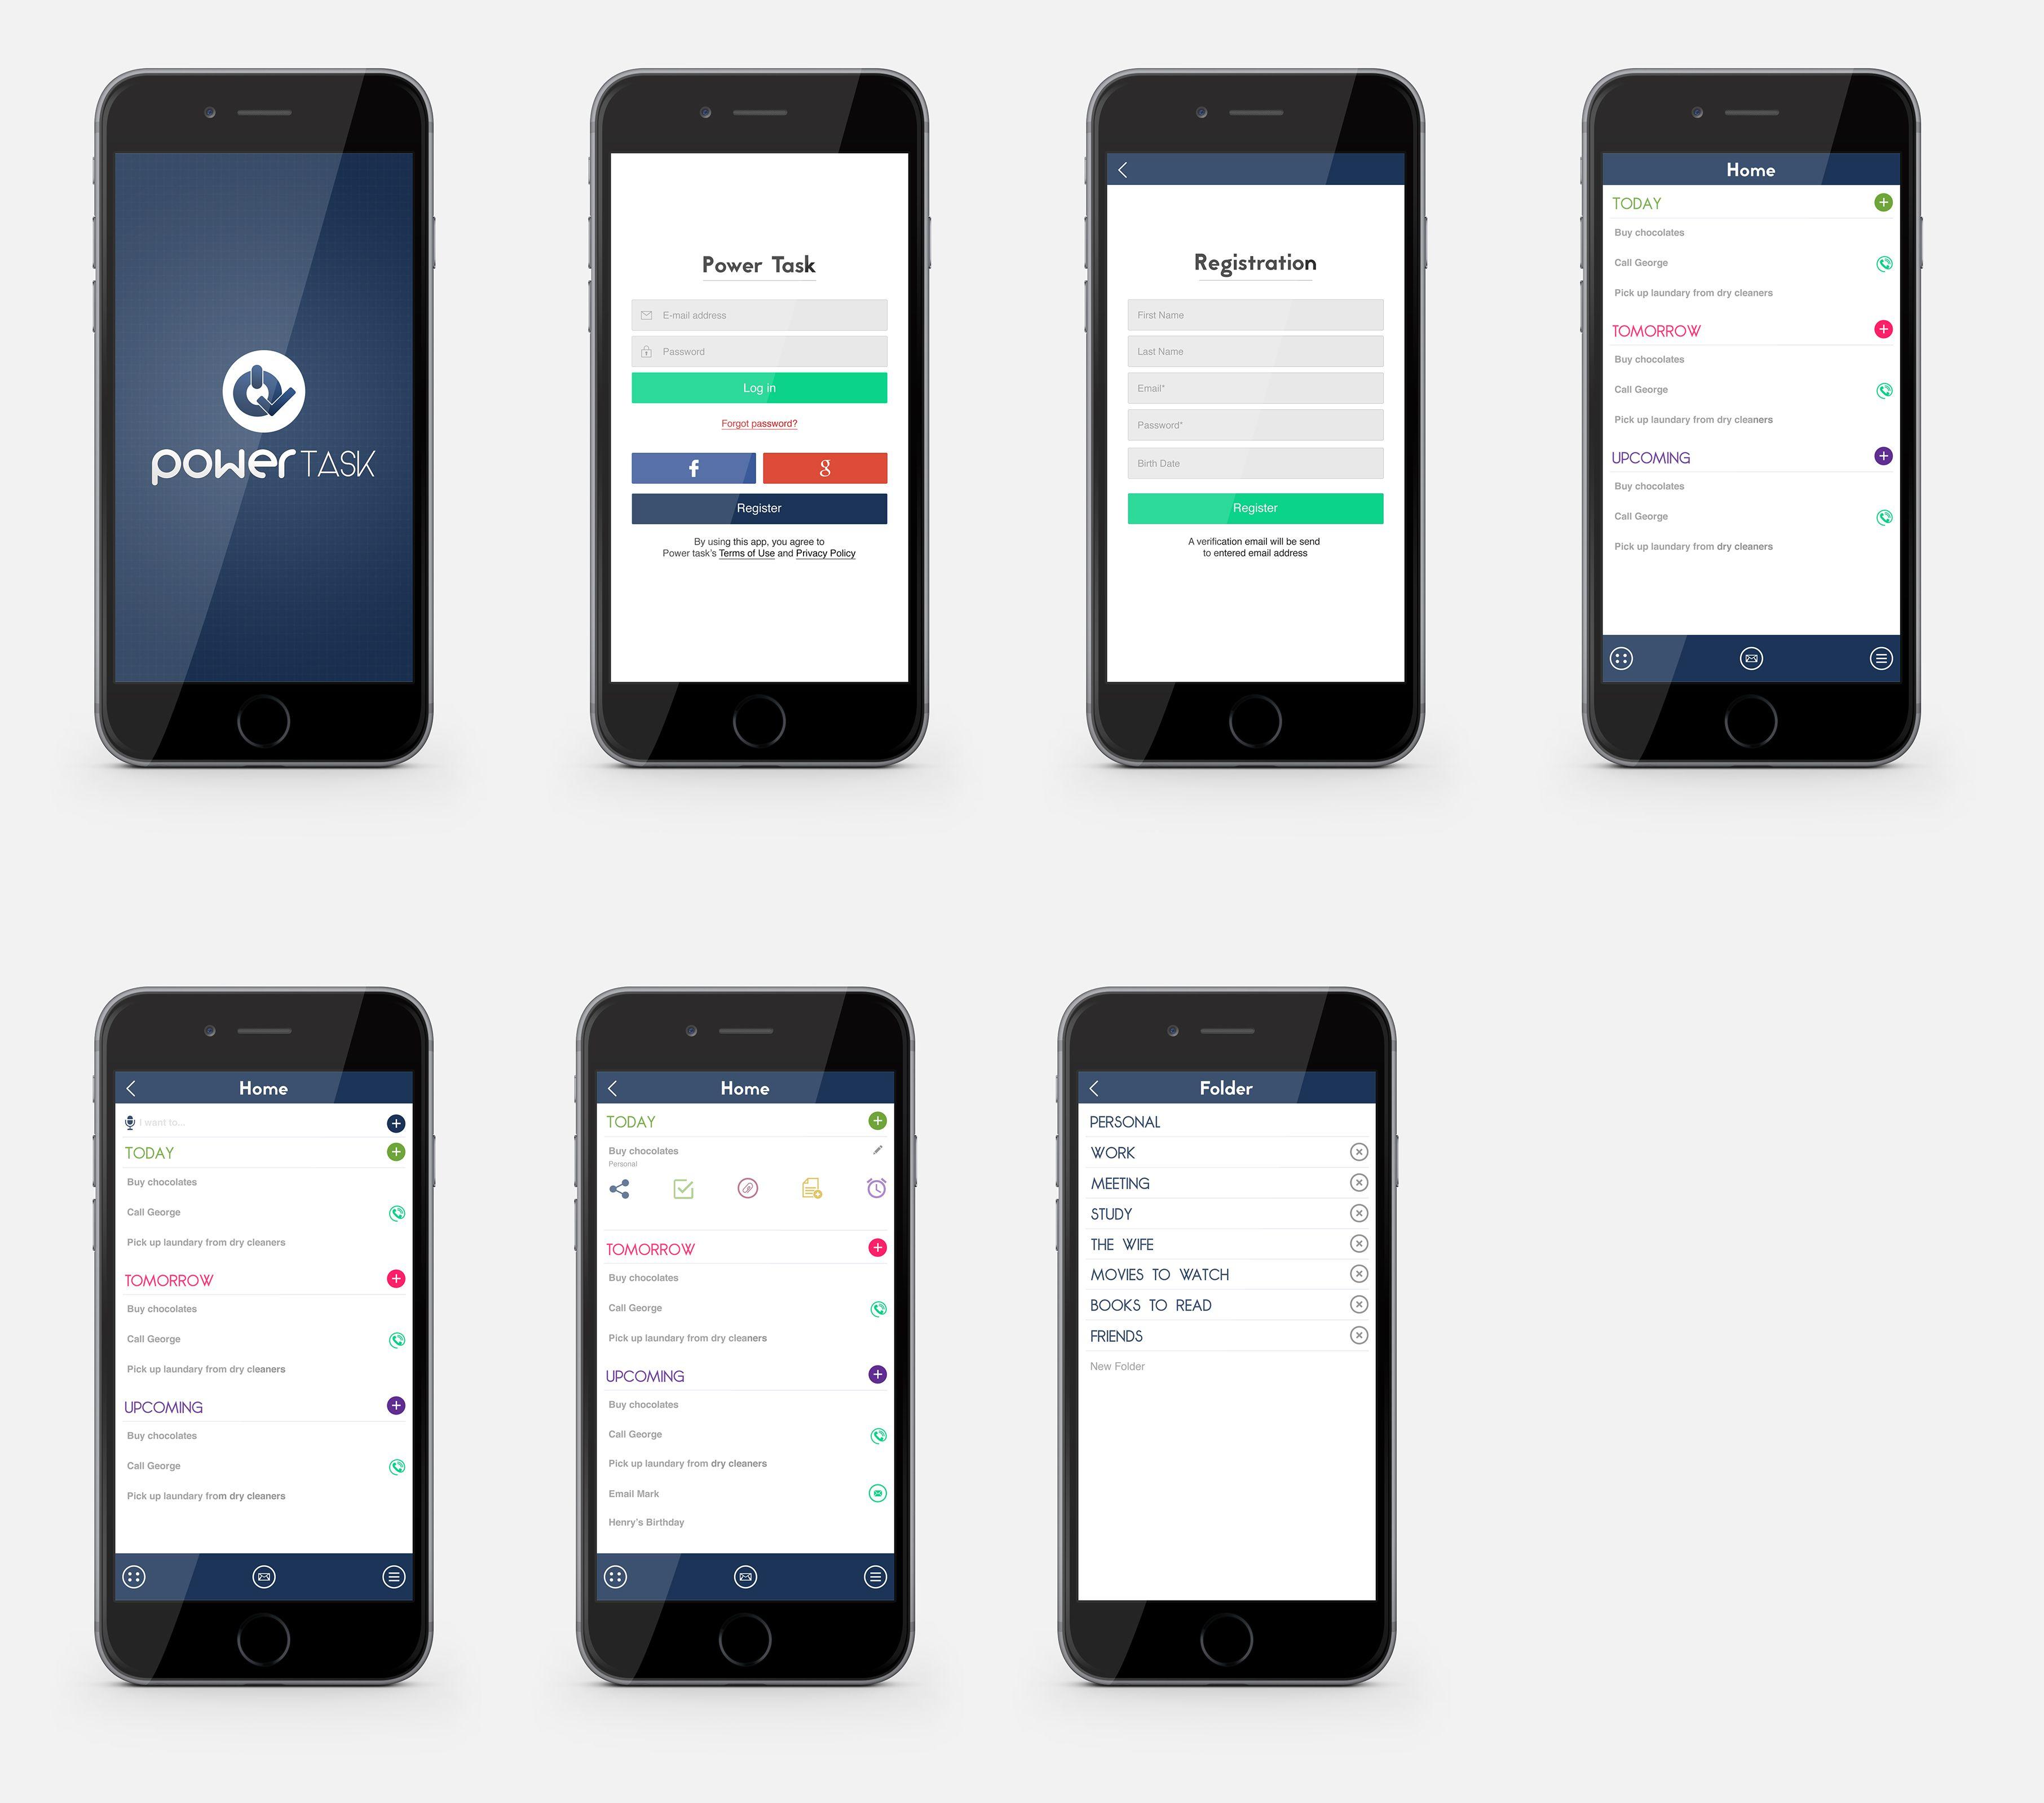 Power Task App